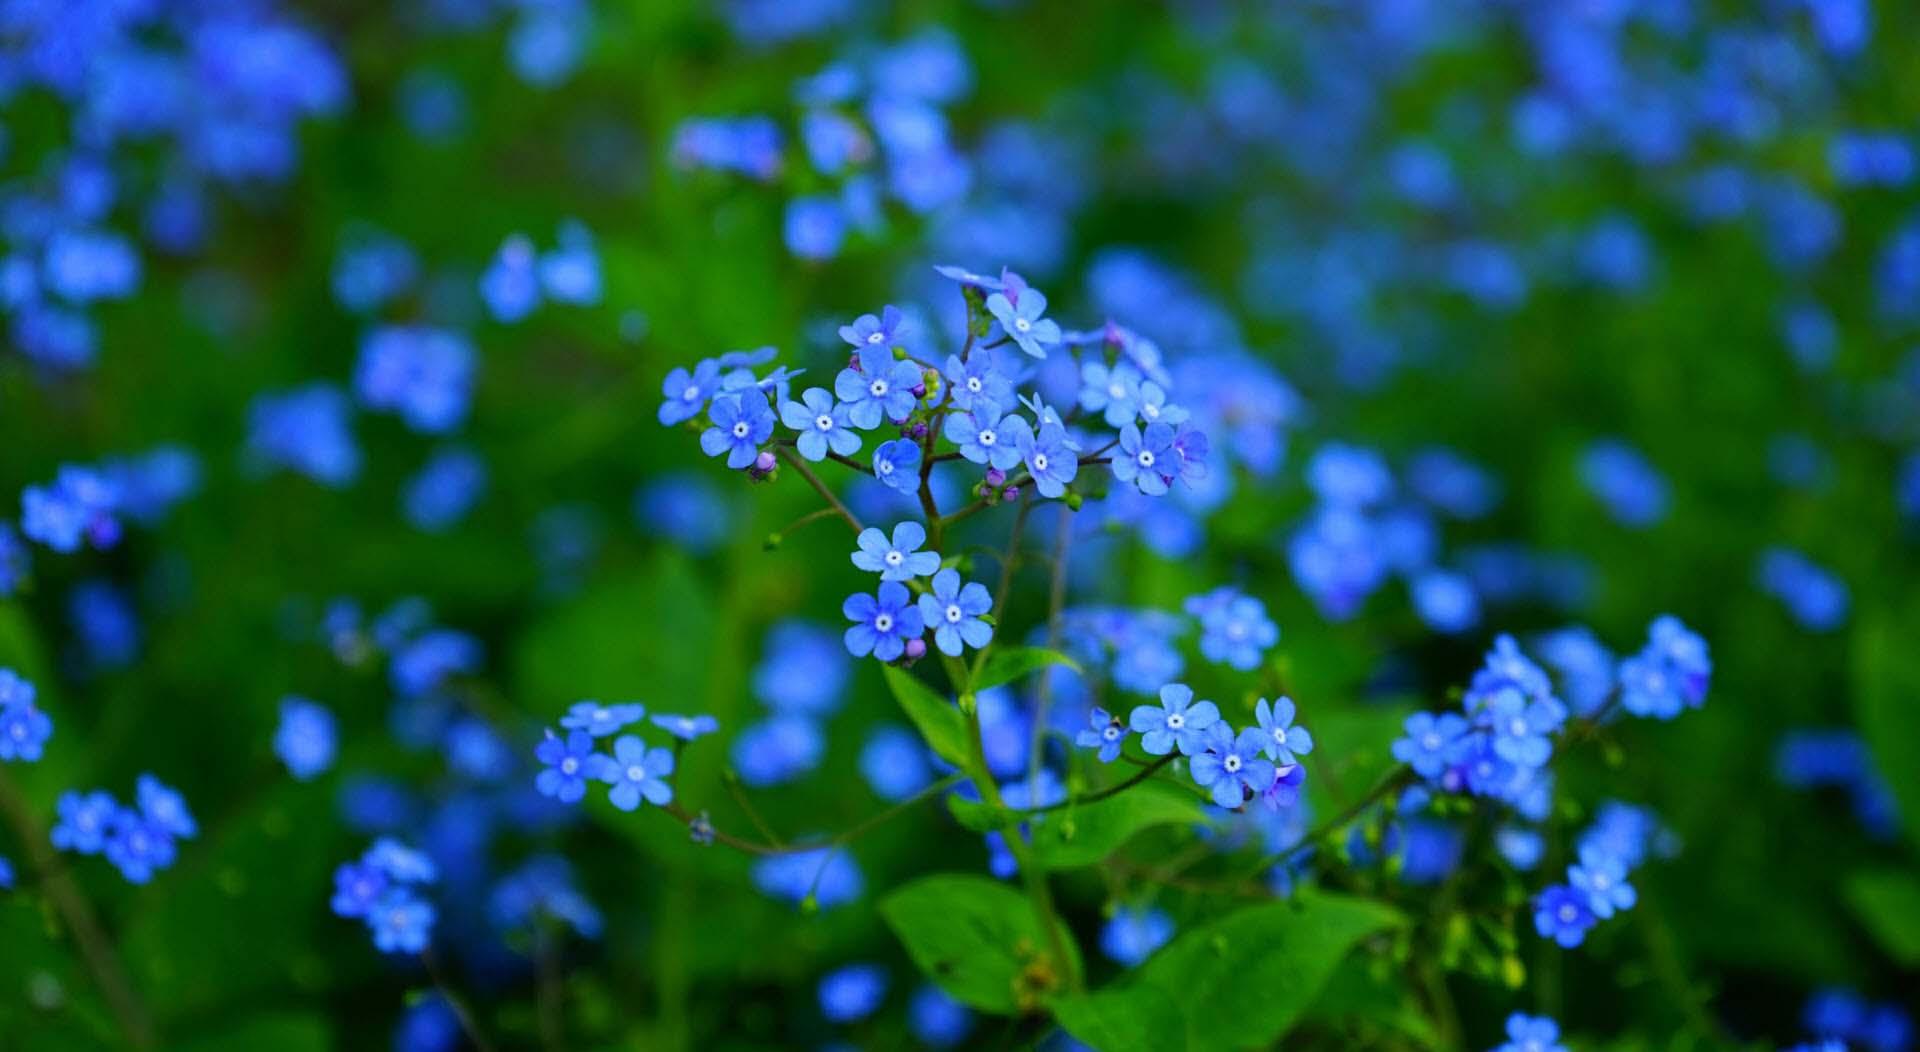 Hình nền về hoa đẹp